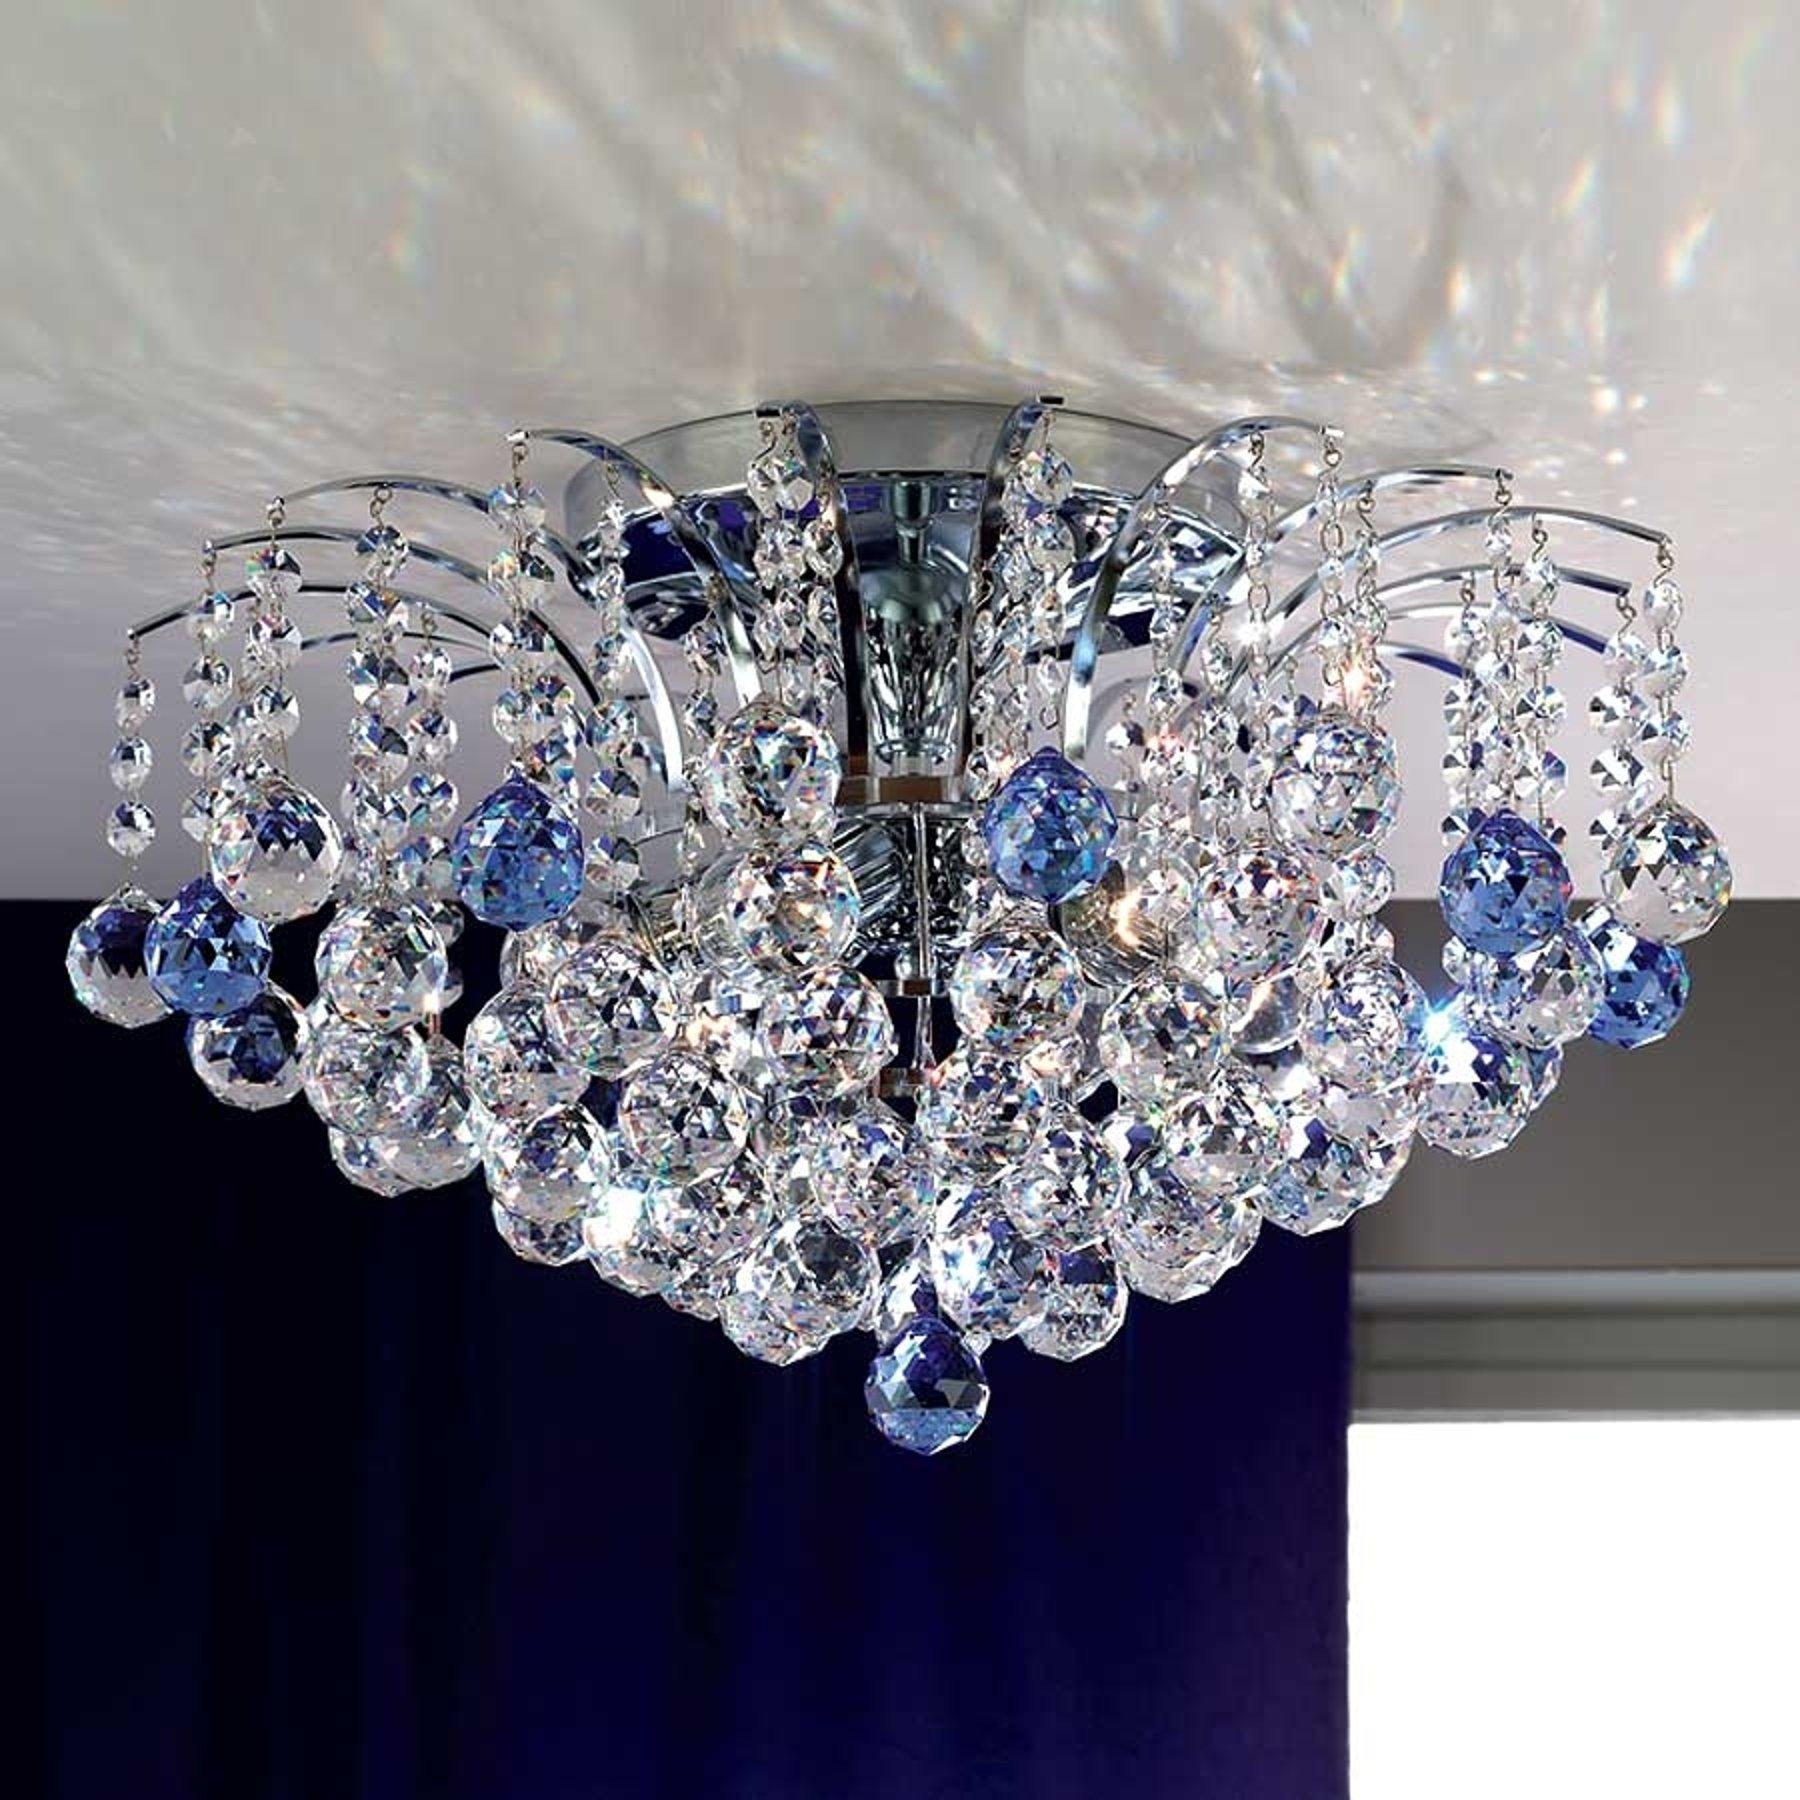 LENNARDA krystalltaklampe i blått og krom